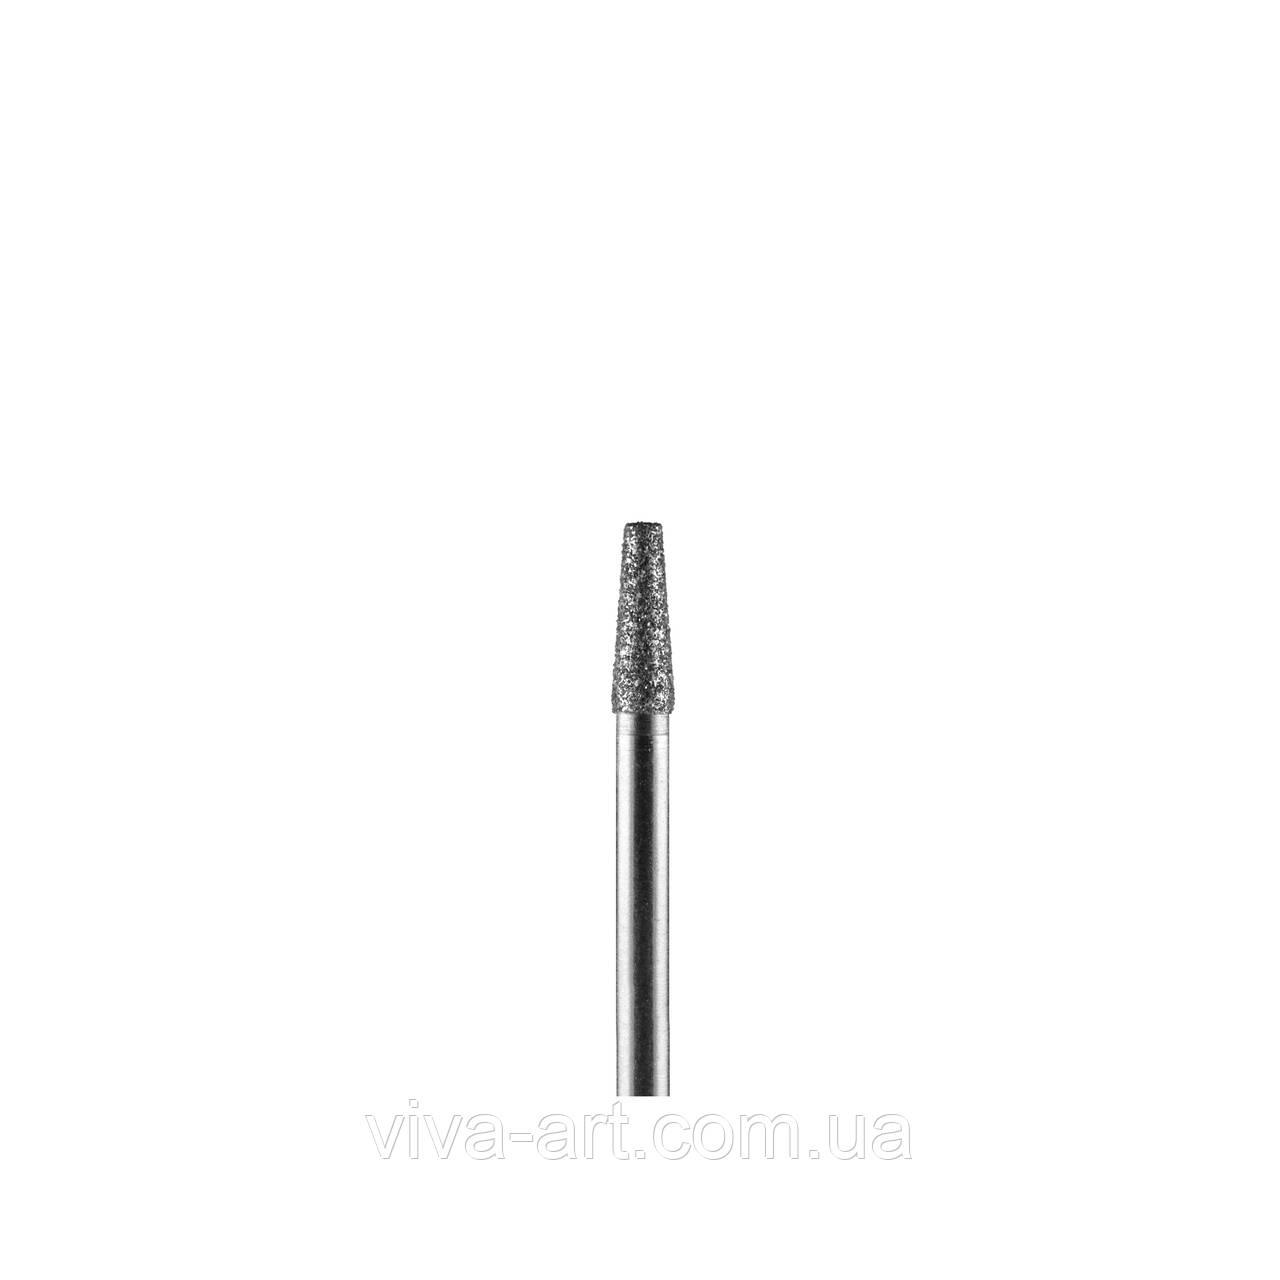 Алмазна насадка усічений конус, 2.5 мм, середній абразив, Diaswiss (Швейцарія)